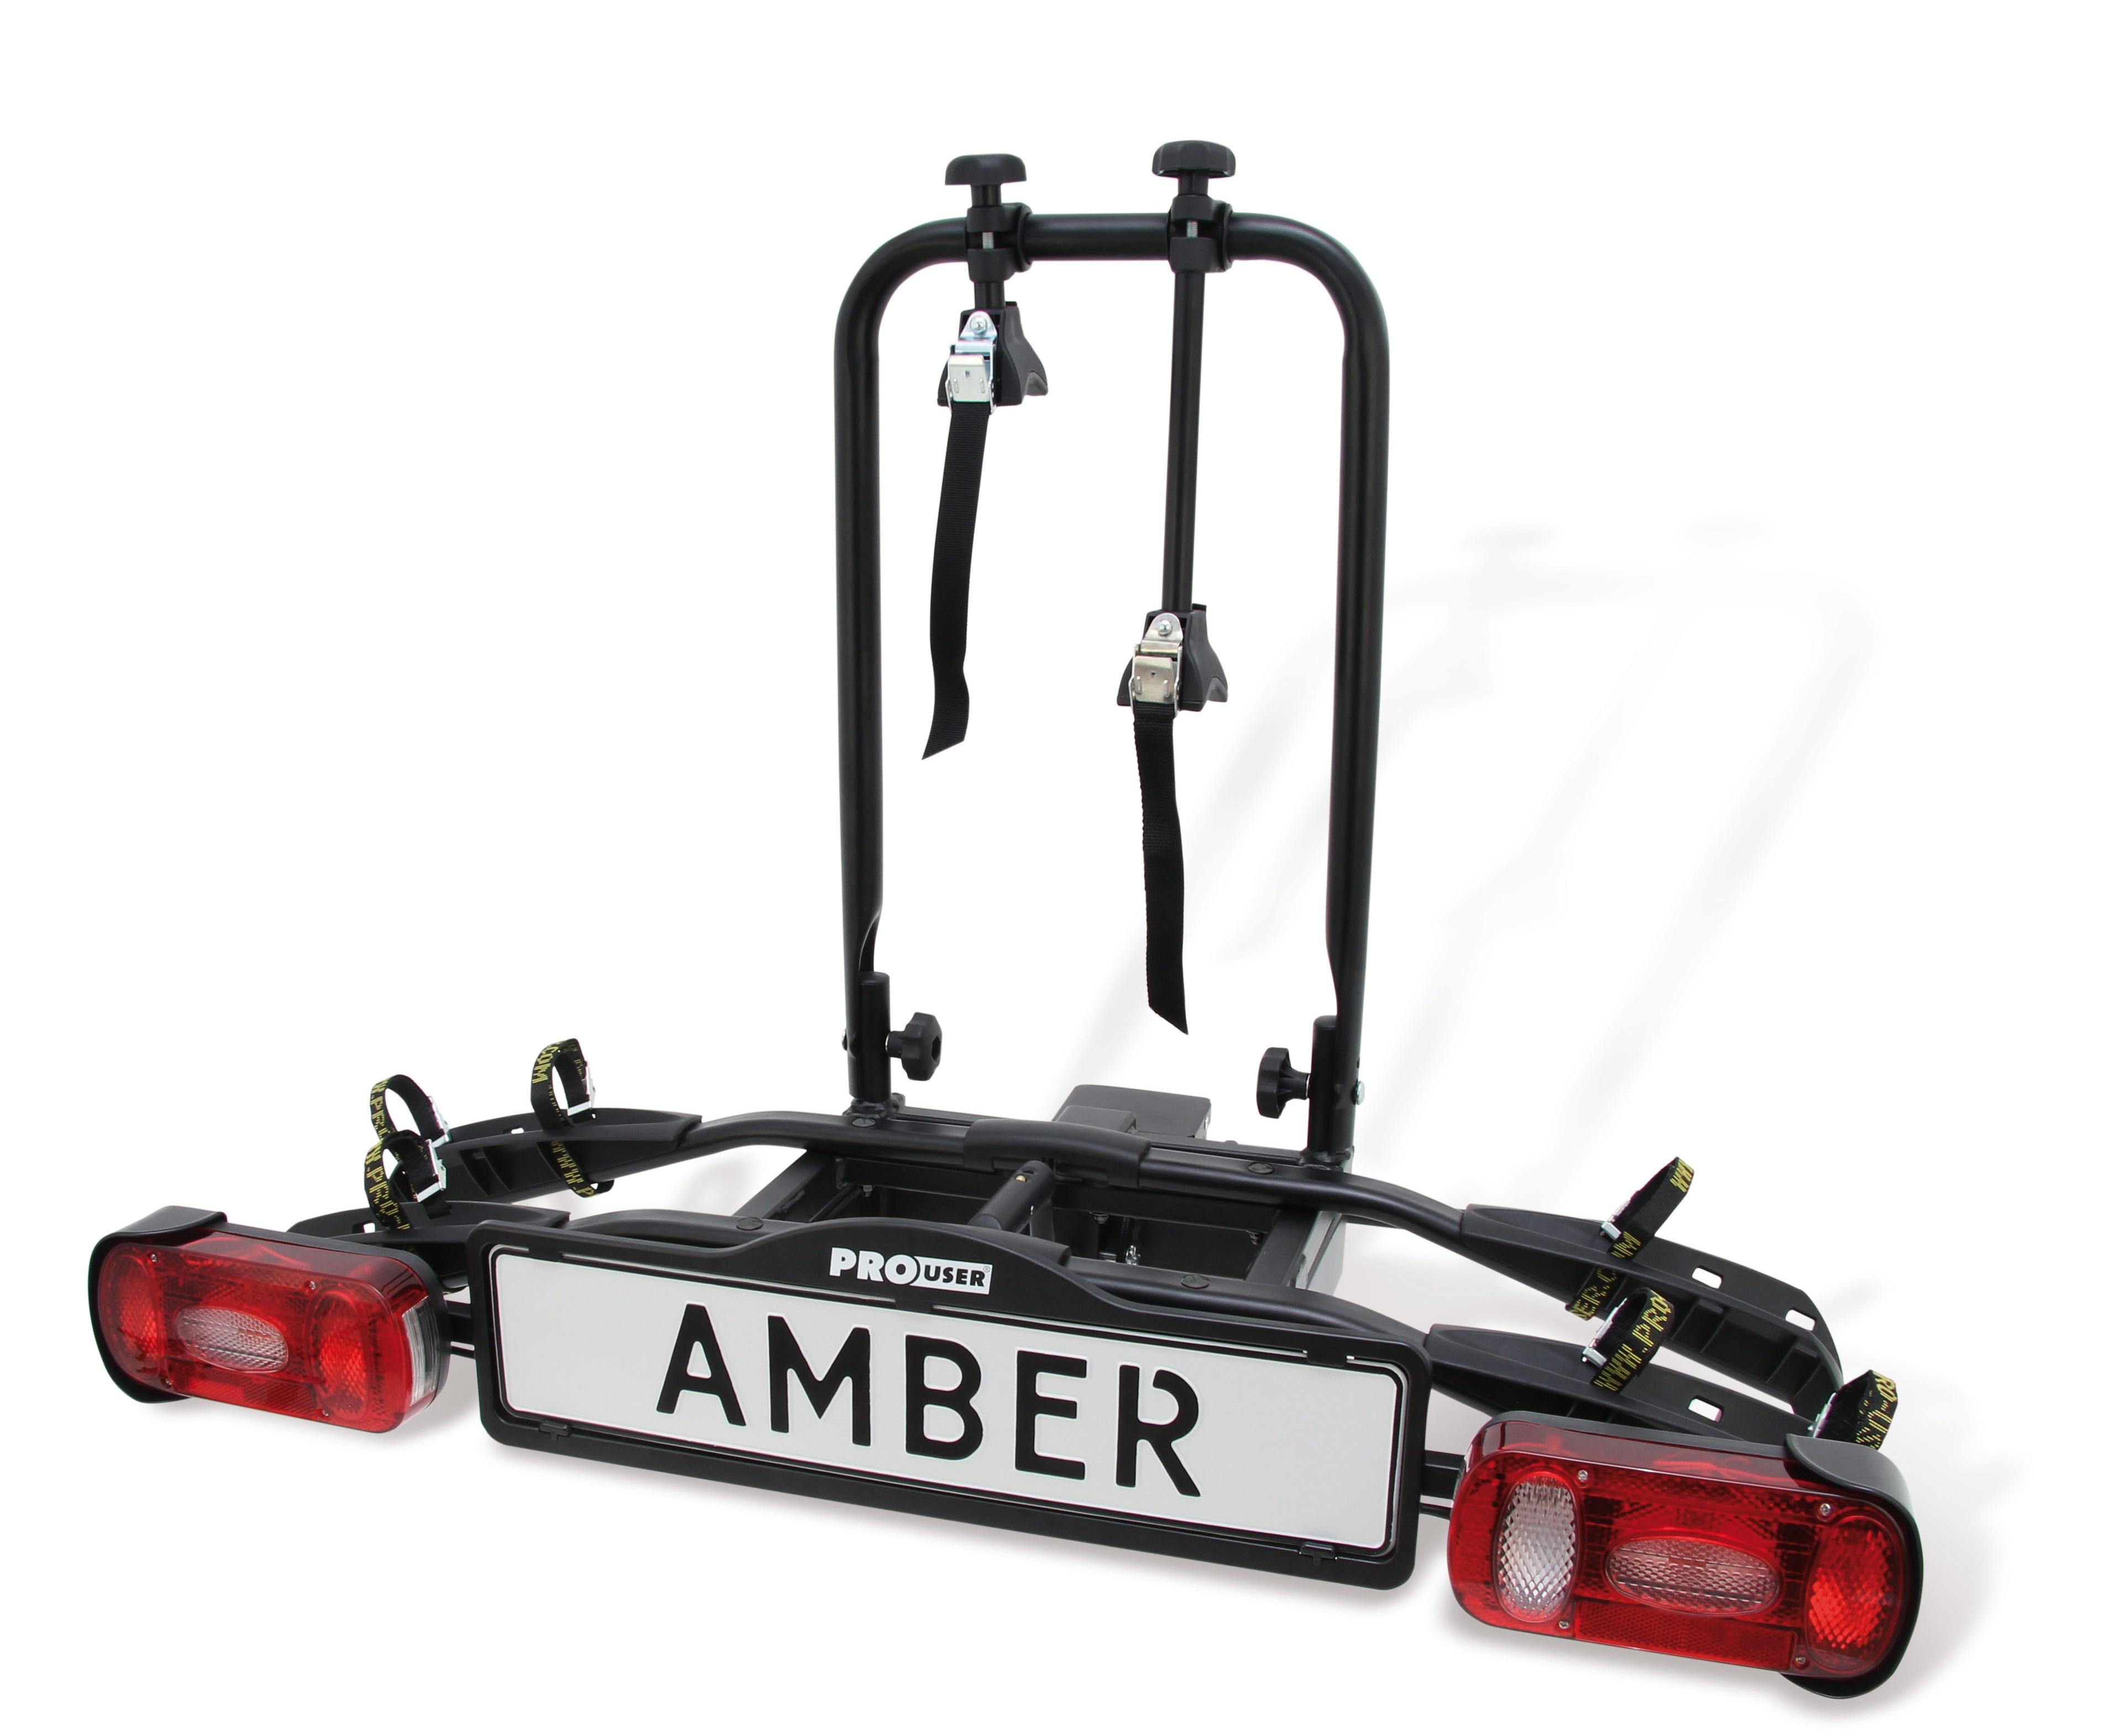 Pro-User Amber II kerékpárszállító vonóhorogra